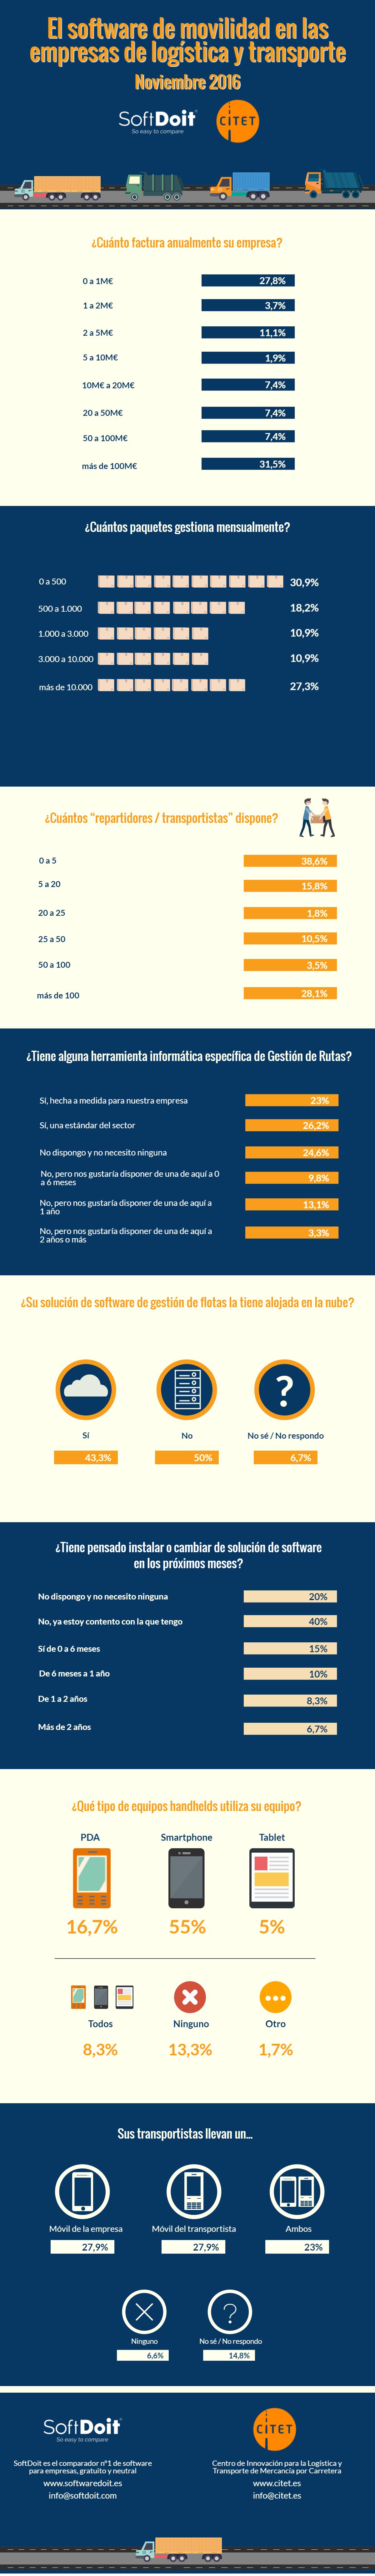 El 50,8 % de las empresas logísticas no dispone de un software de gestión de flotas